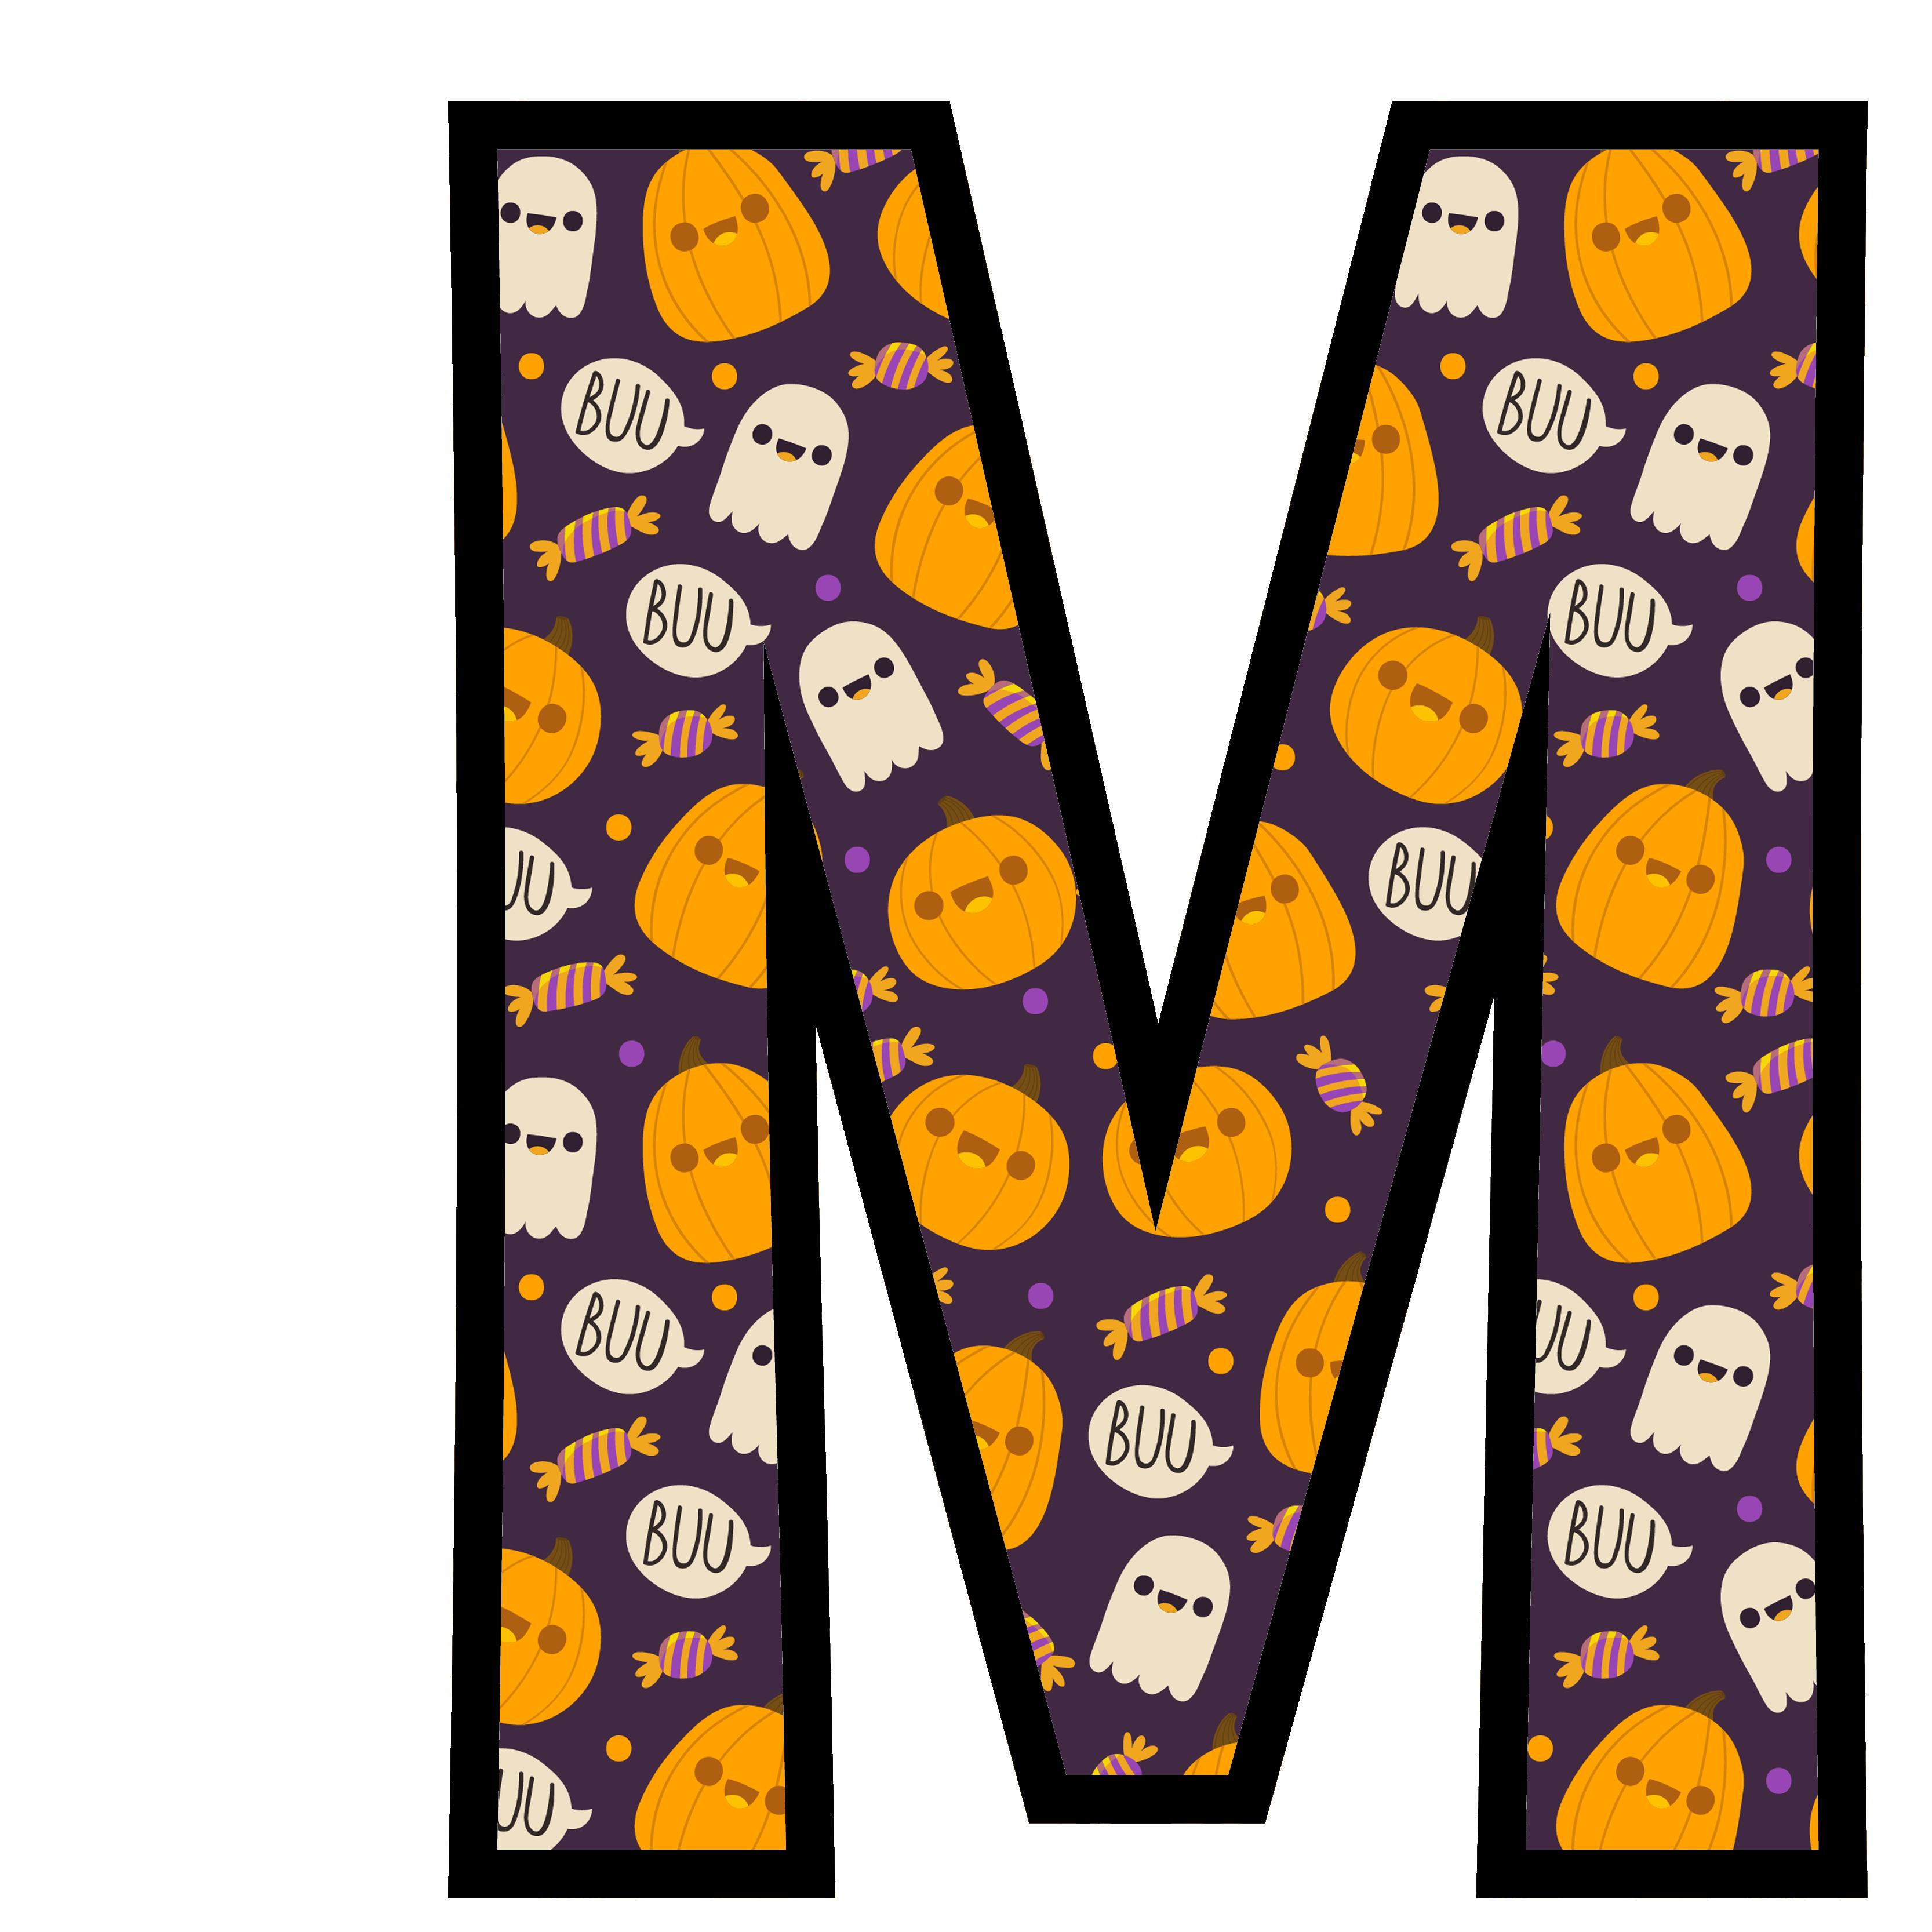 alfabeto personalizado fantasma halloween 13